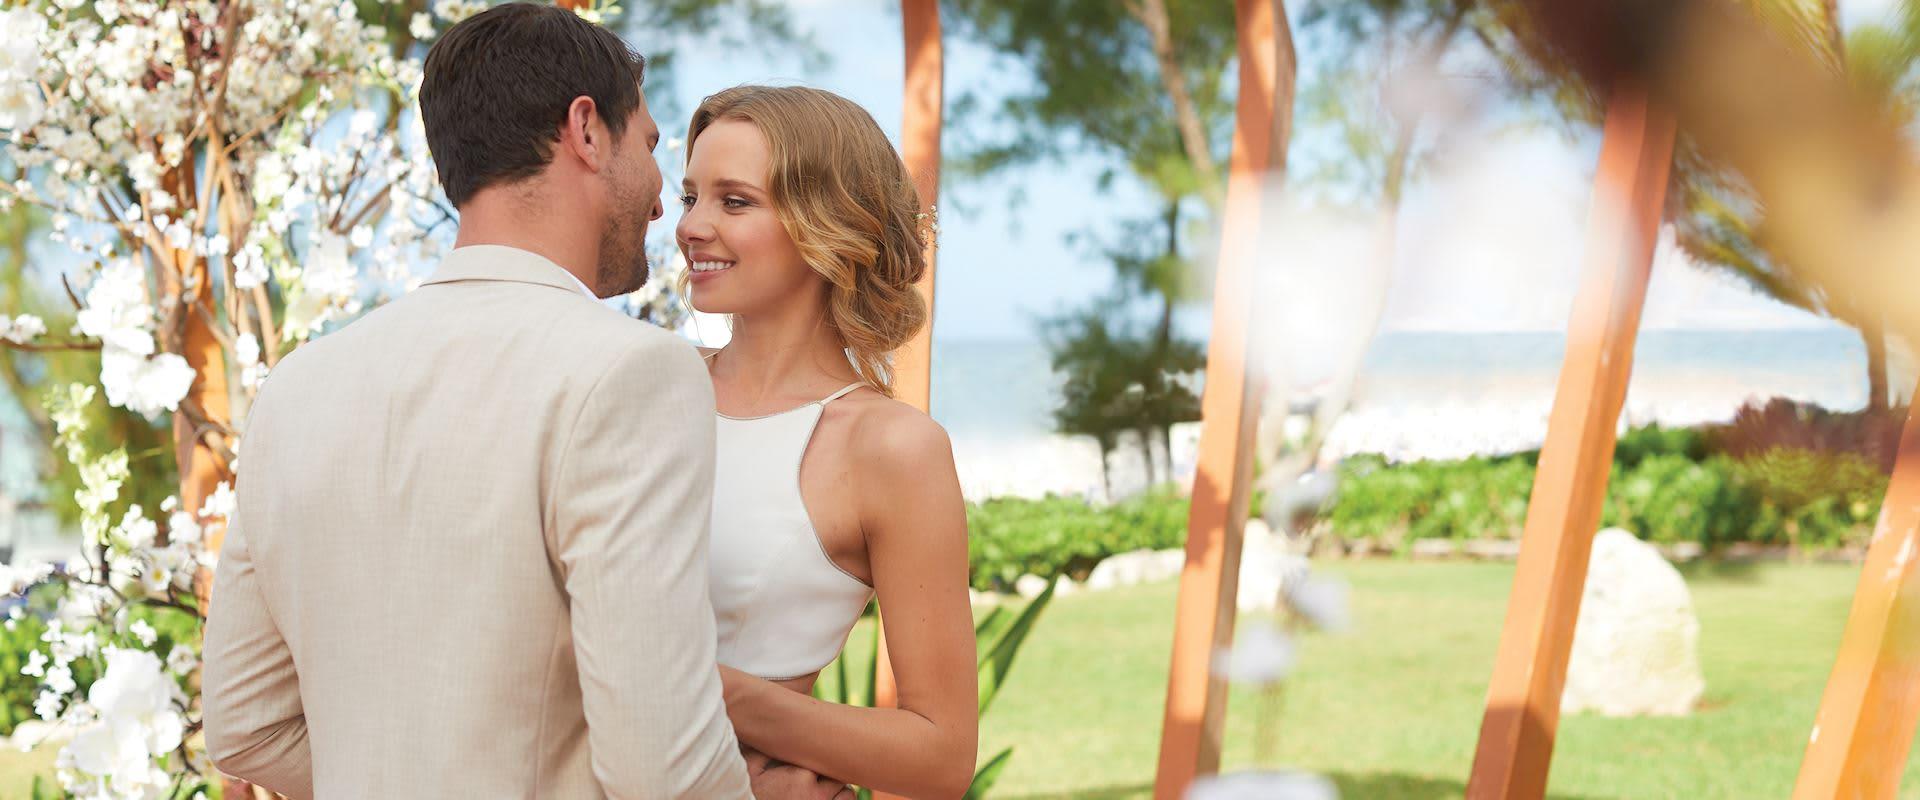 Sensible Weddings In Playa Del Carmen Quintana Roo